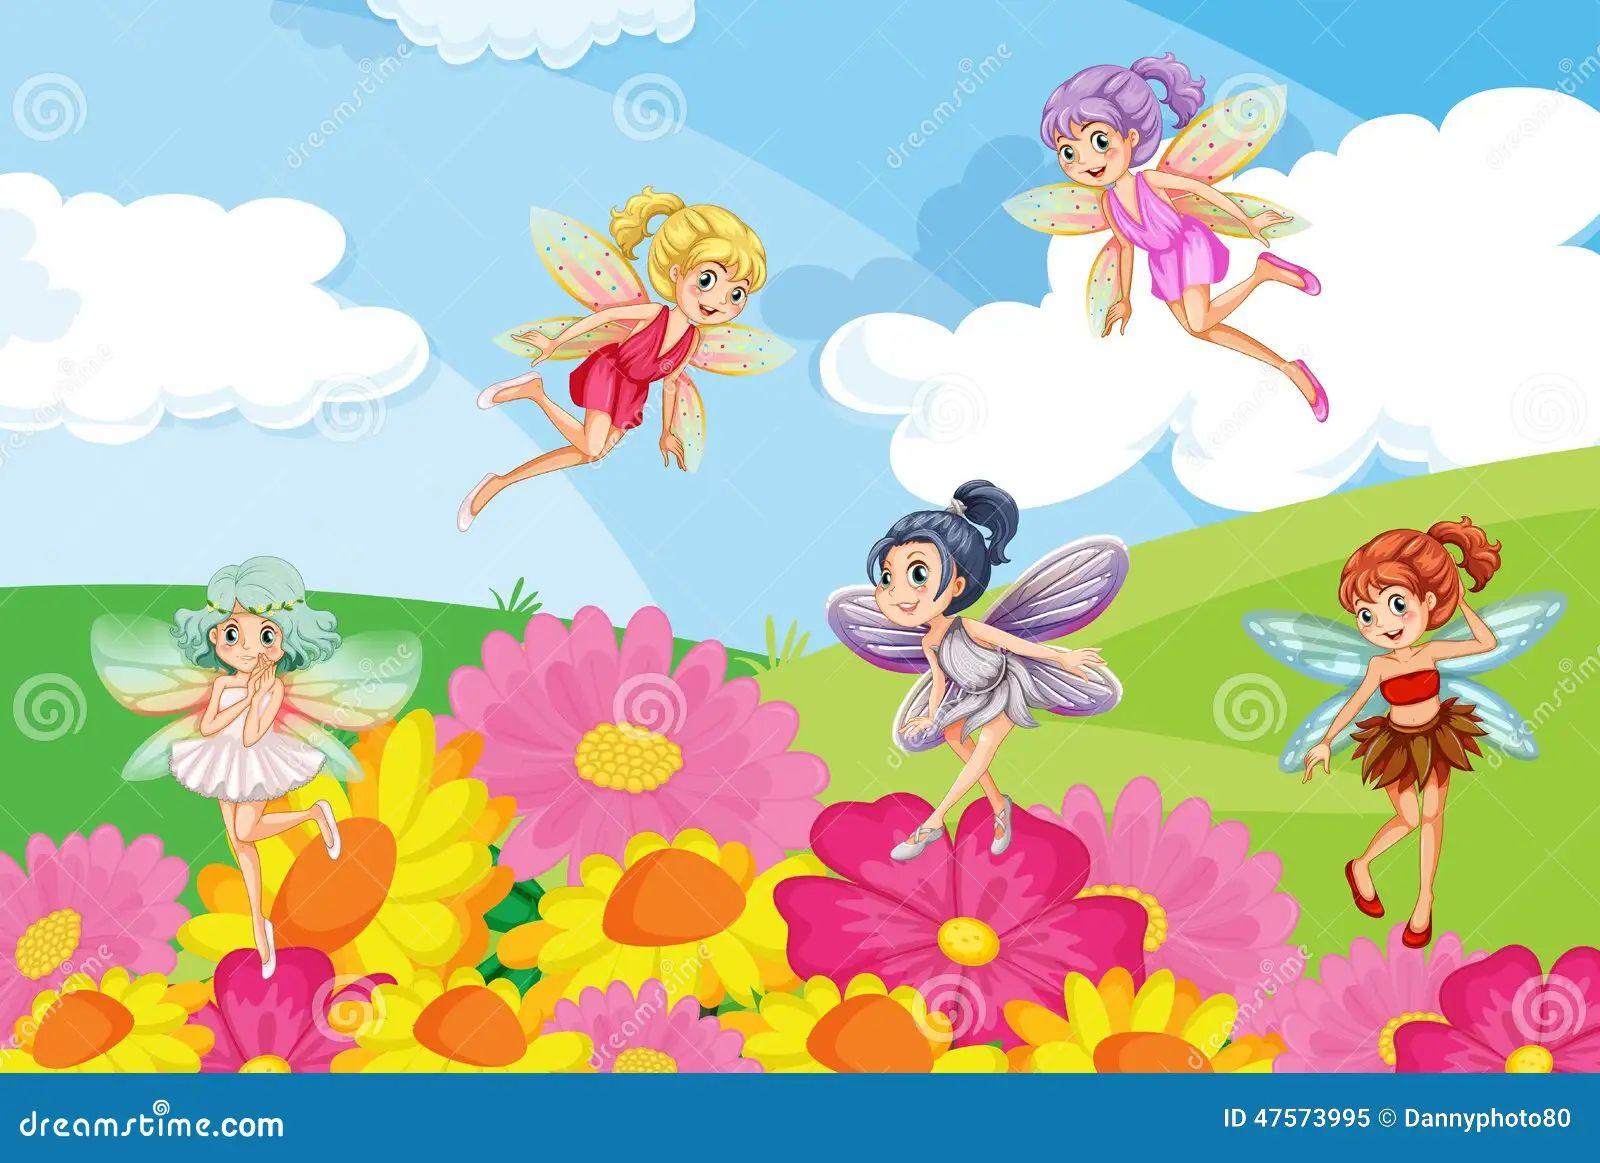 Cartoon funny snail coloring book stock vector 232624141 - Download A Garden With Fairies Stock Vector Image 47573995